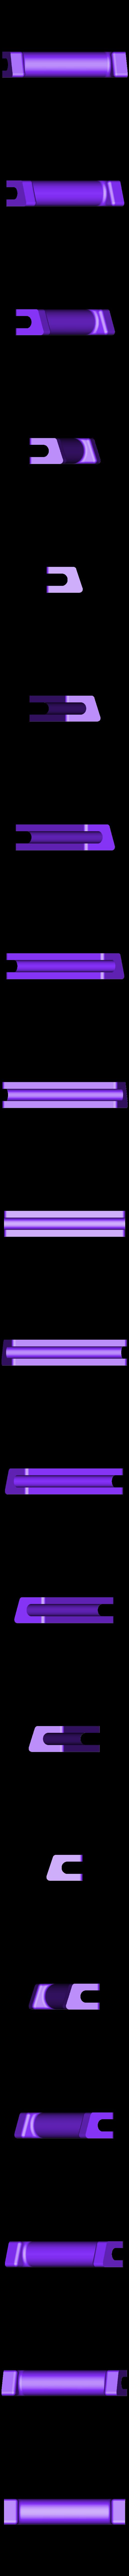 rear_spar_cover.stl Descargar archivo STL Ritewing Nano Drak Print Bundle • Objeto imprimible en 3D, RobsLoco